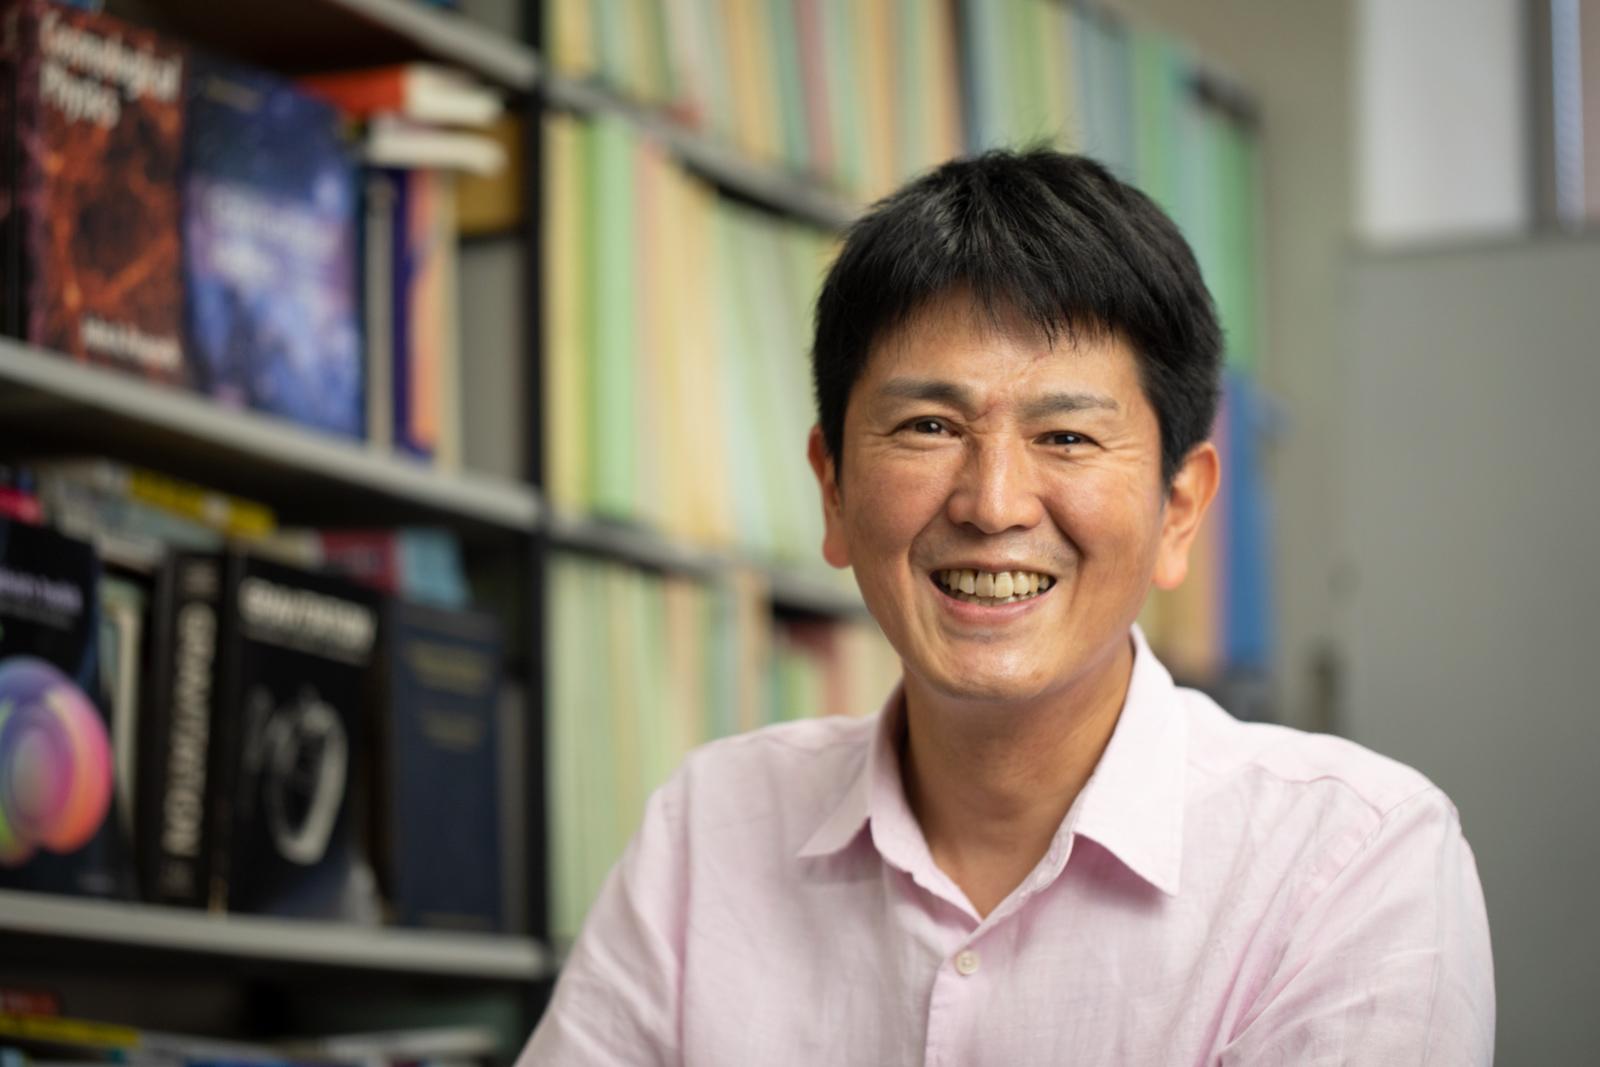 弘前大学で世界に通じるレベルの宇宙研究ができる面白さを一緒に味わいましょう!